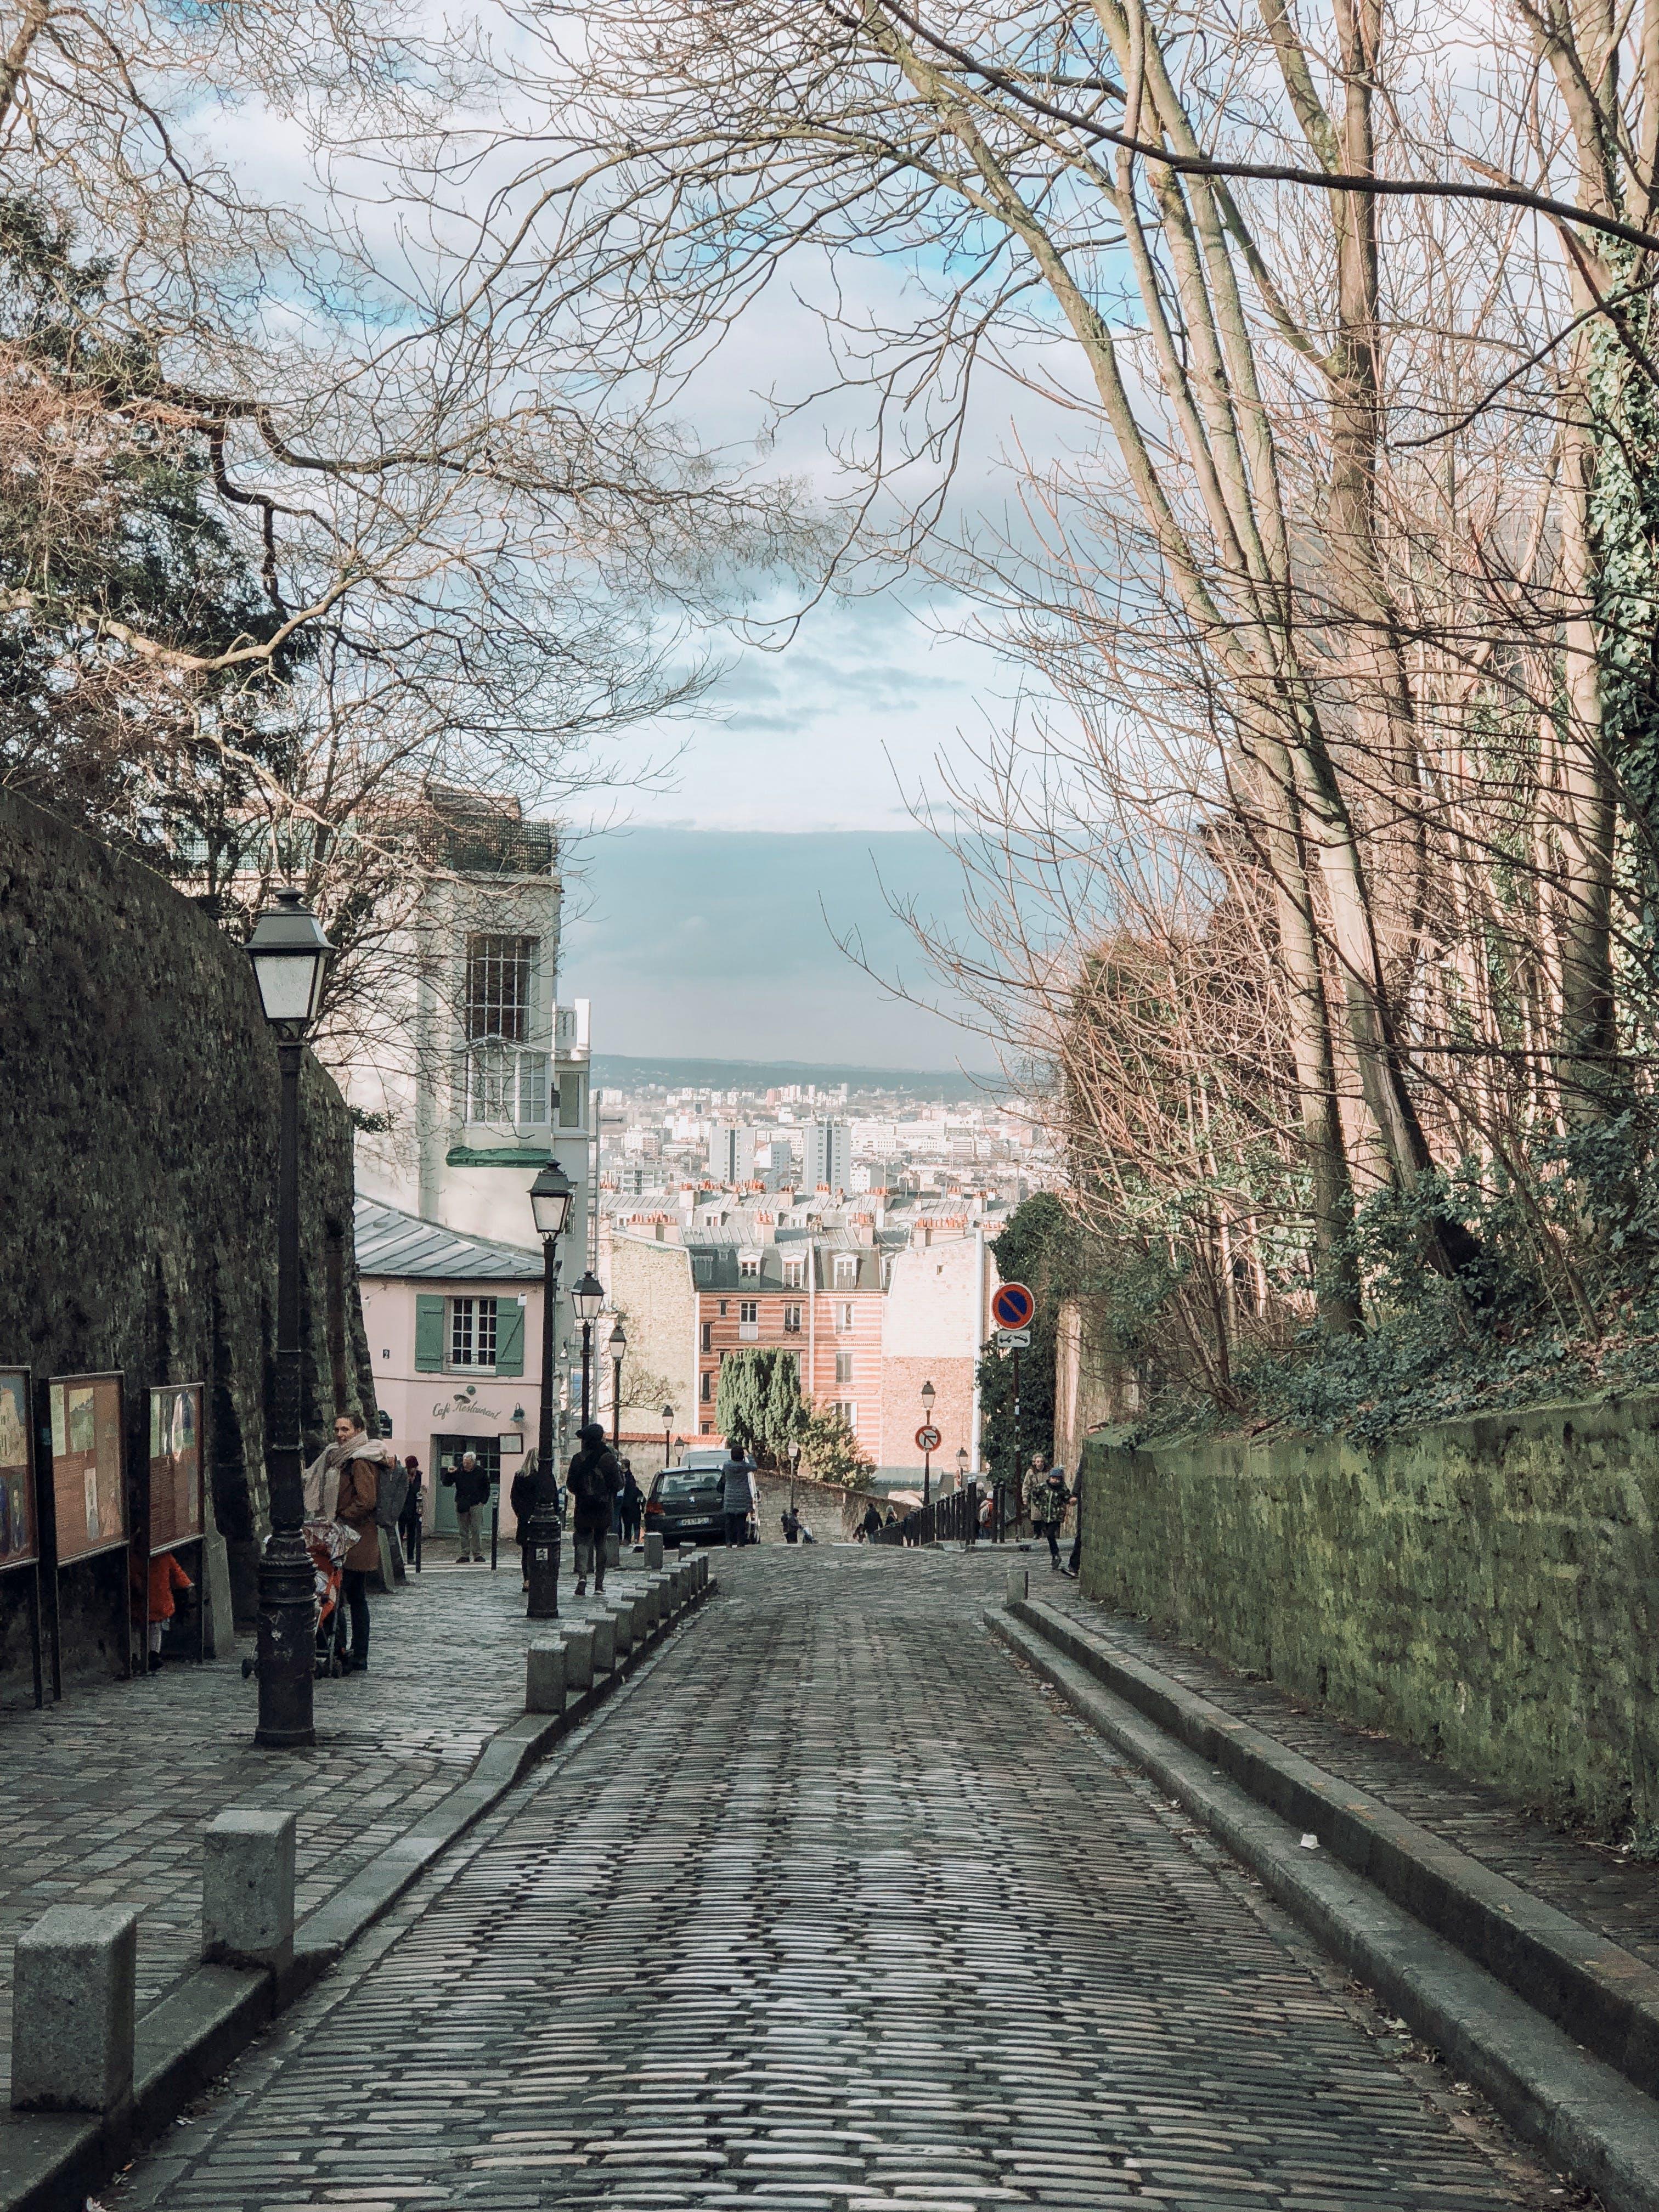 거리, 걷고 있는, 관광객, 나무의 무료 스톡 사진